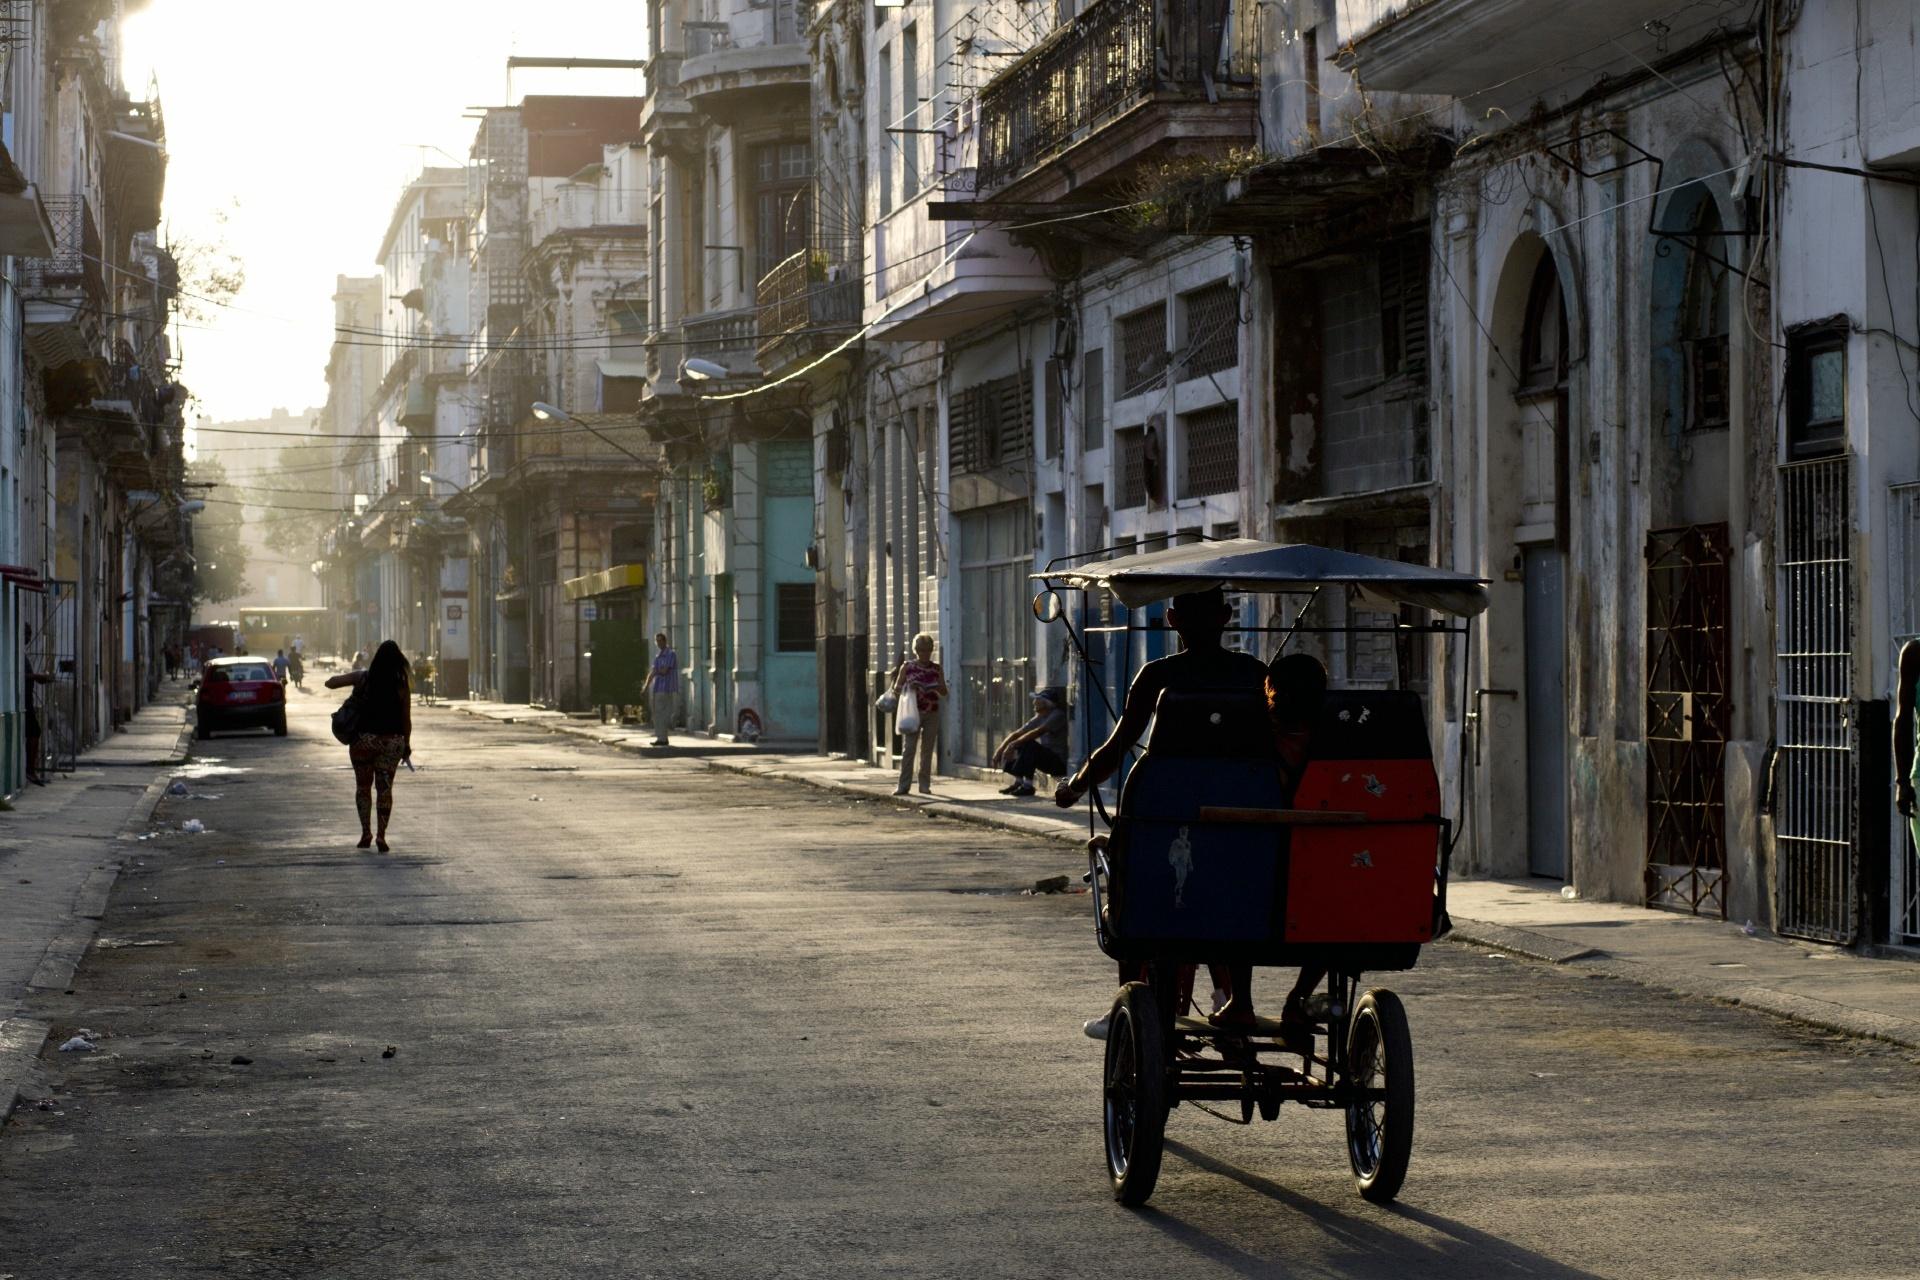 朝のハバナ 旧市街の通り キューバの風景